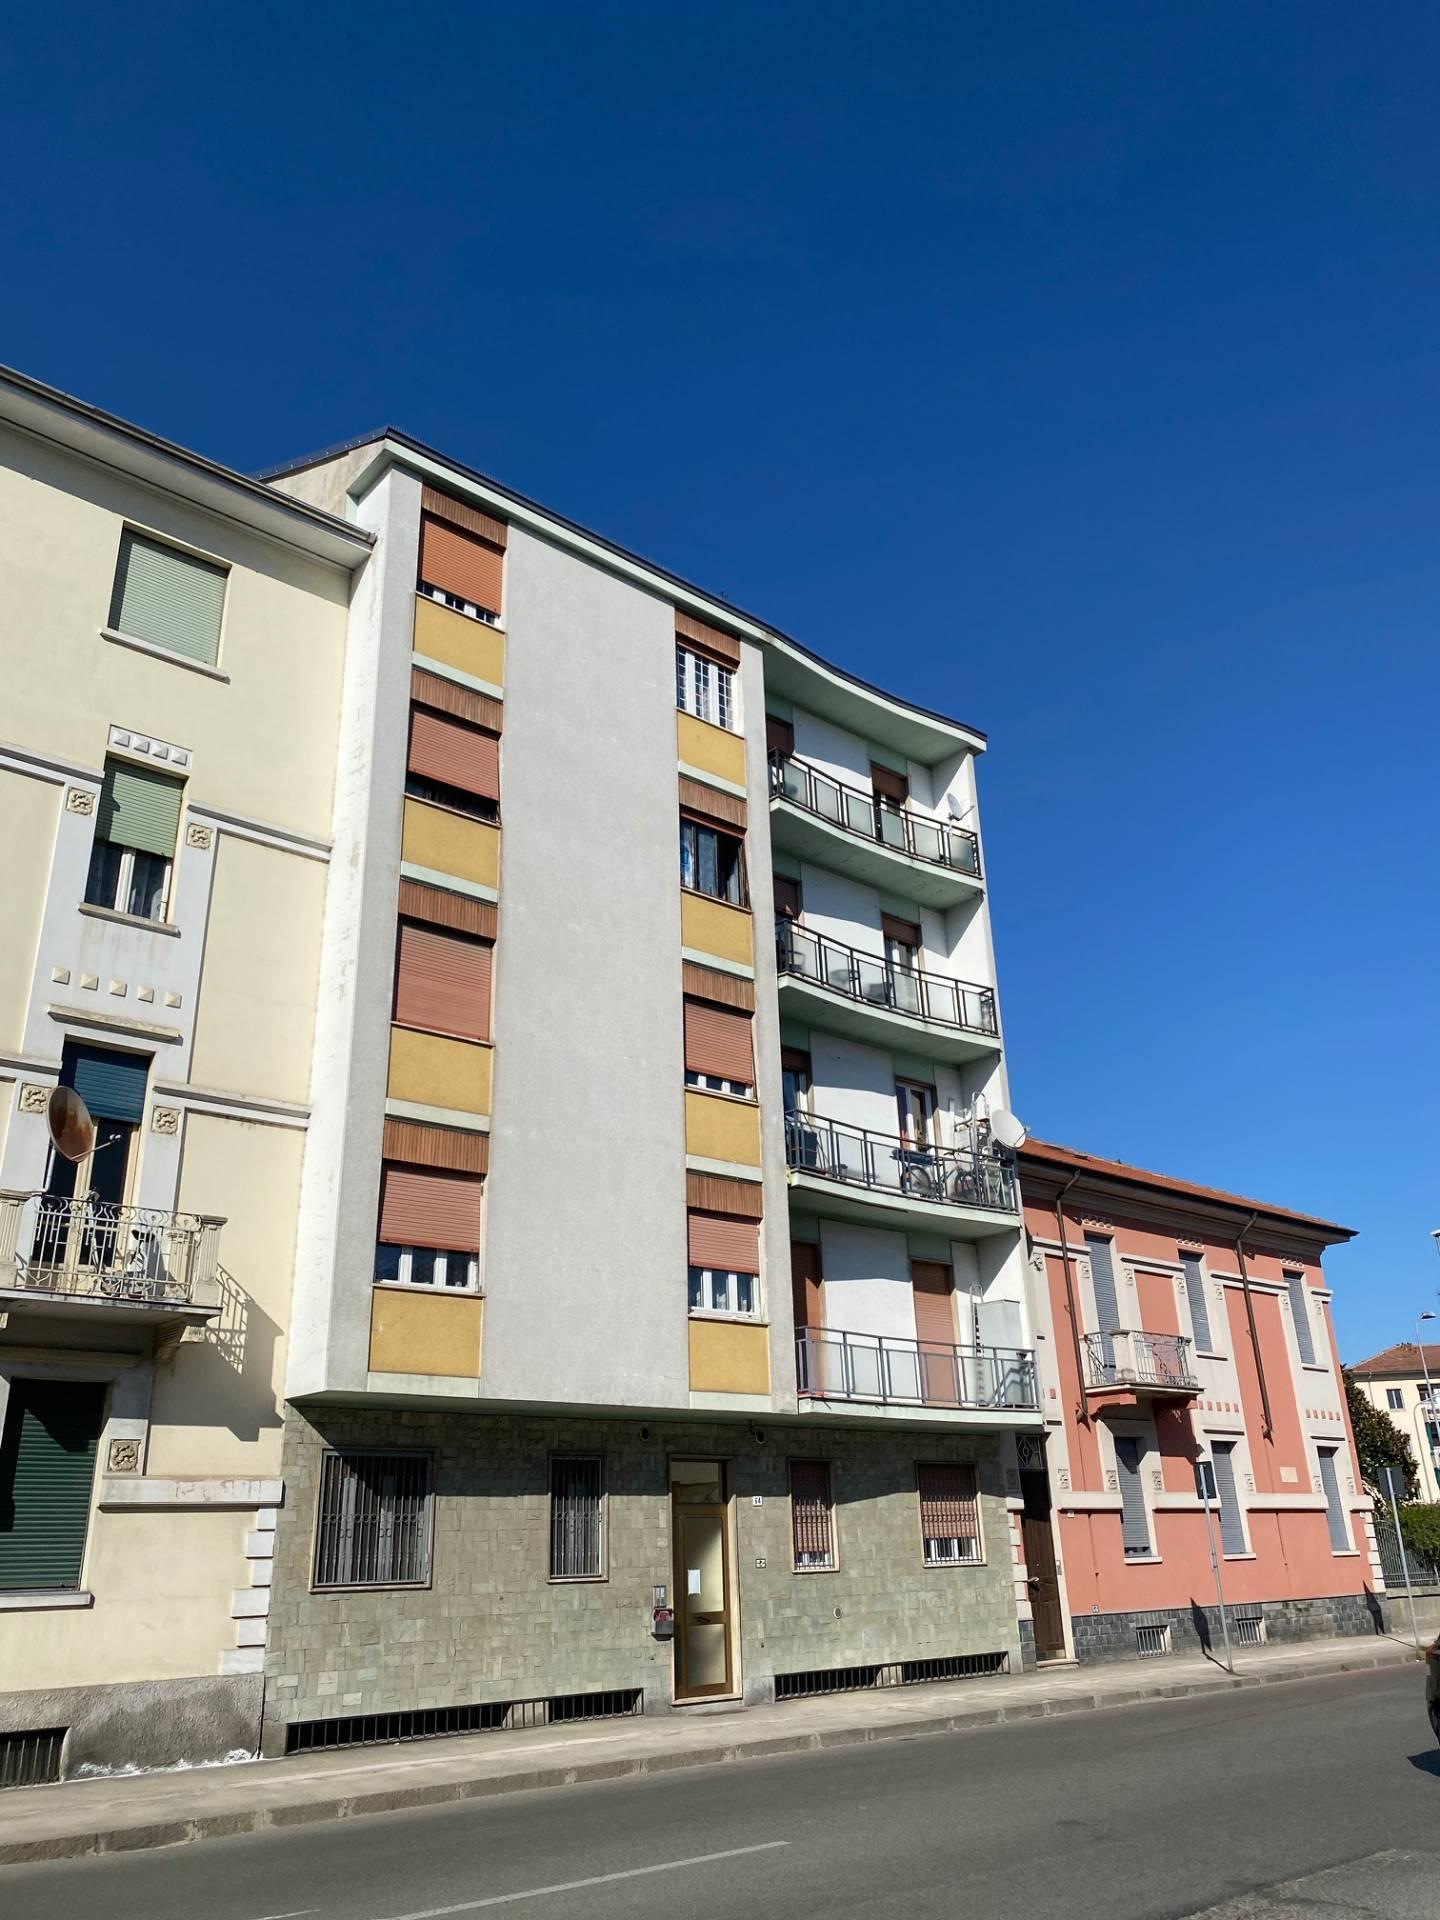 Appartamento in vendita a Cristo, Alessandria (AL)